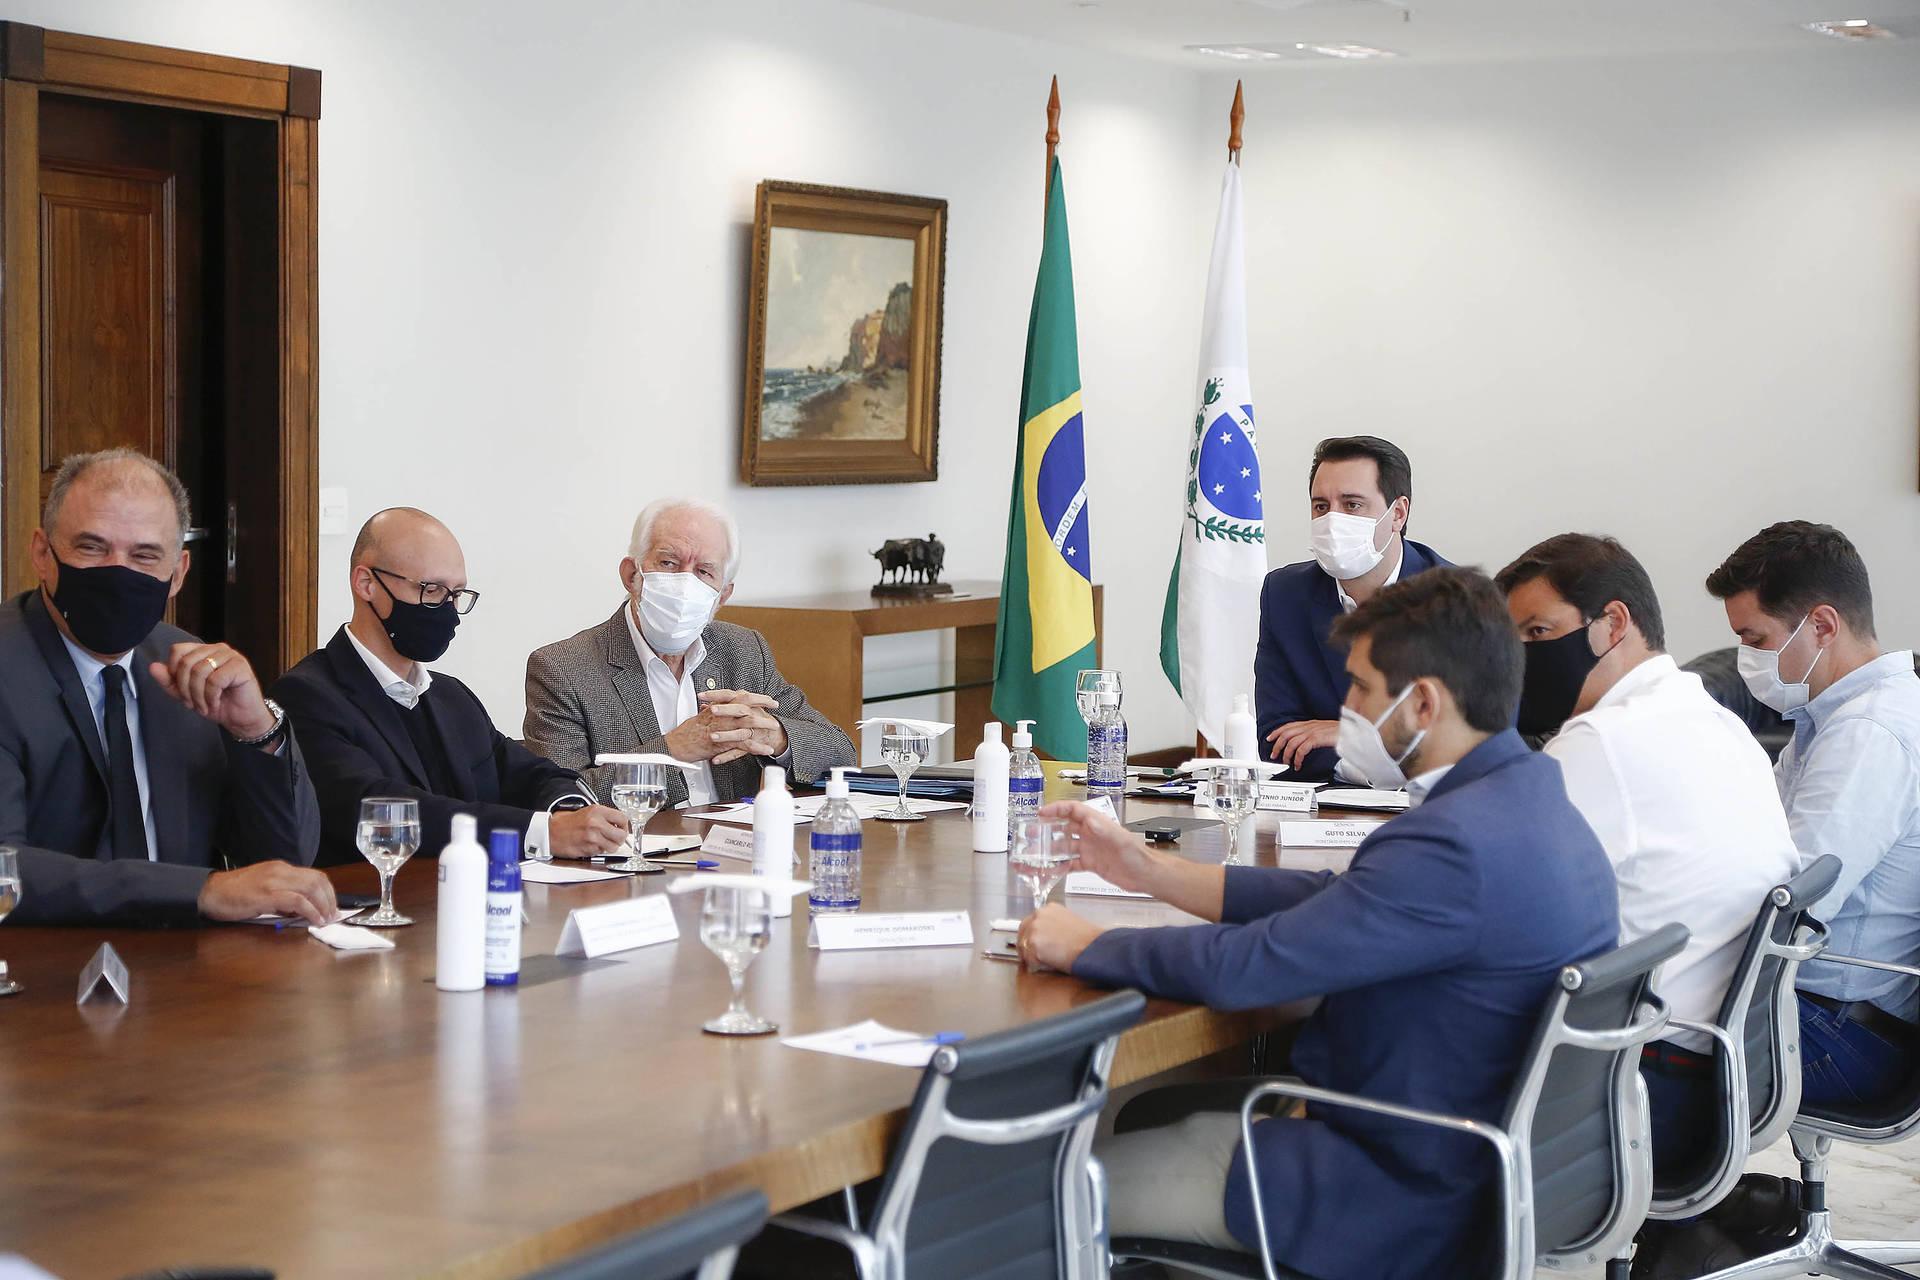 TIM anuncia expansão de rede 4G para o Interior do Paraná com foco no agronegócio